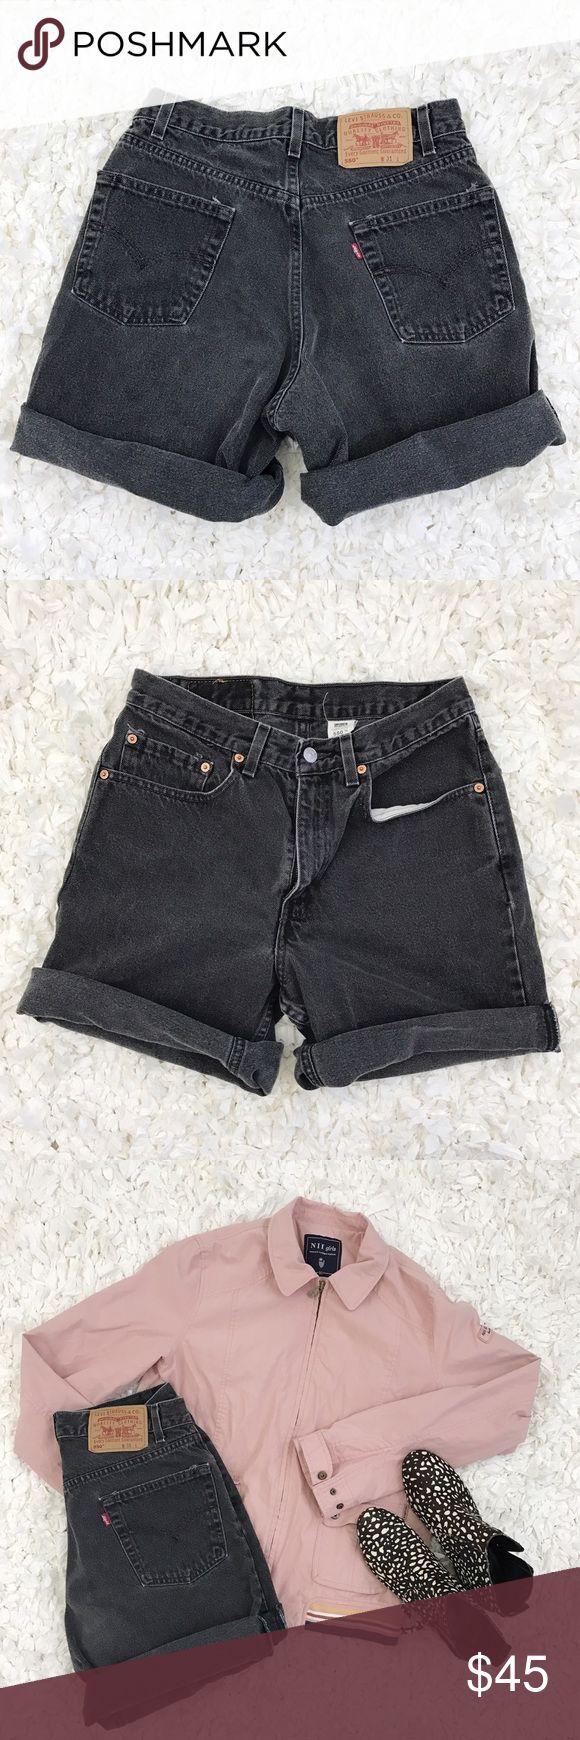 """Vintage Levi's 550 Black Denim Shorts Vintage Levi's 550 Black Denim Shorts. Laid flat waist measurement is 14"""". Which would fit size 28 waist. Levi's Shorts Jean Shorts"""